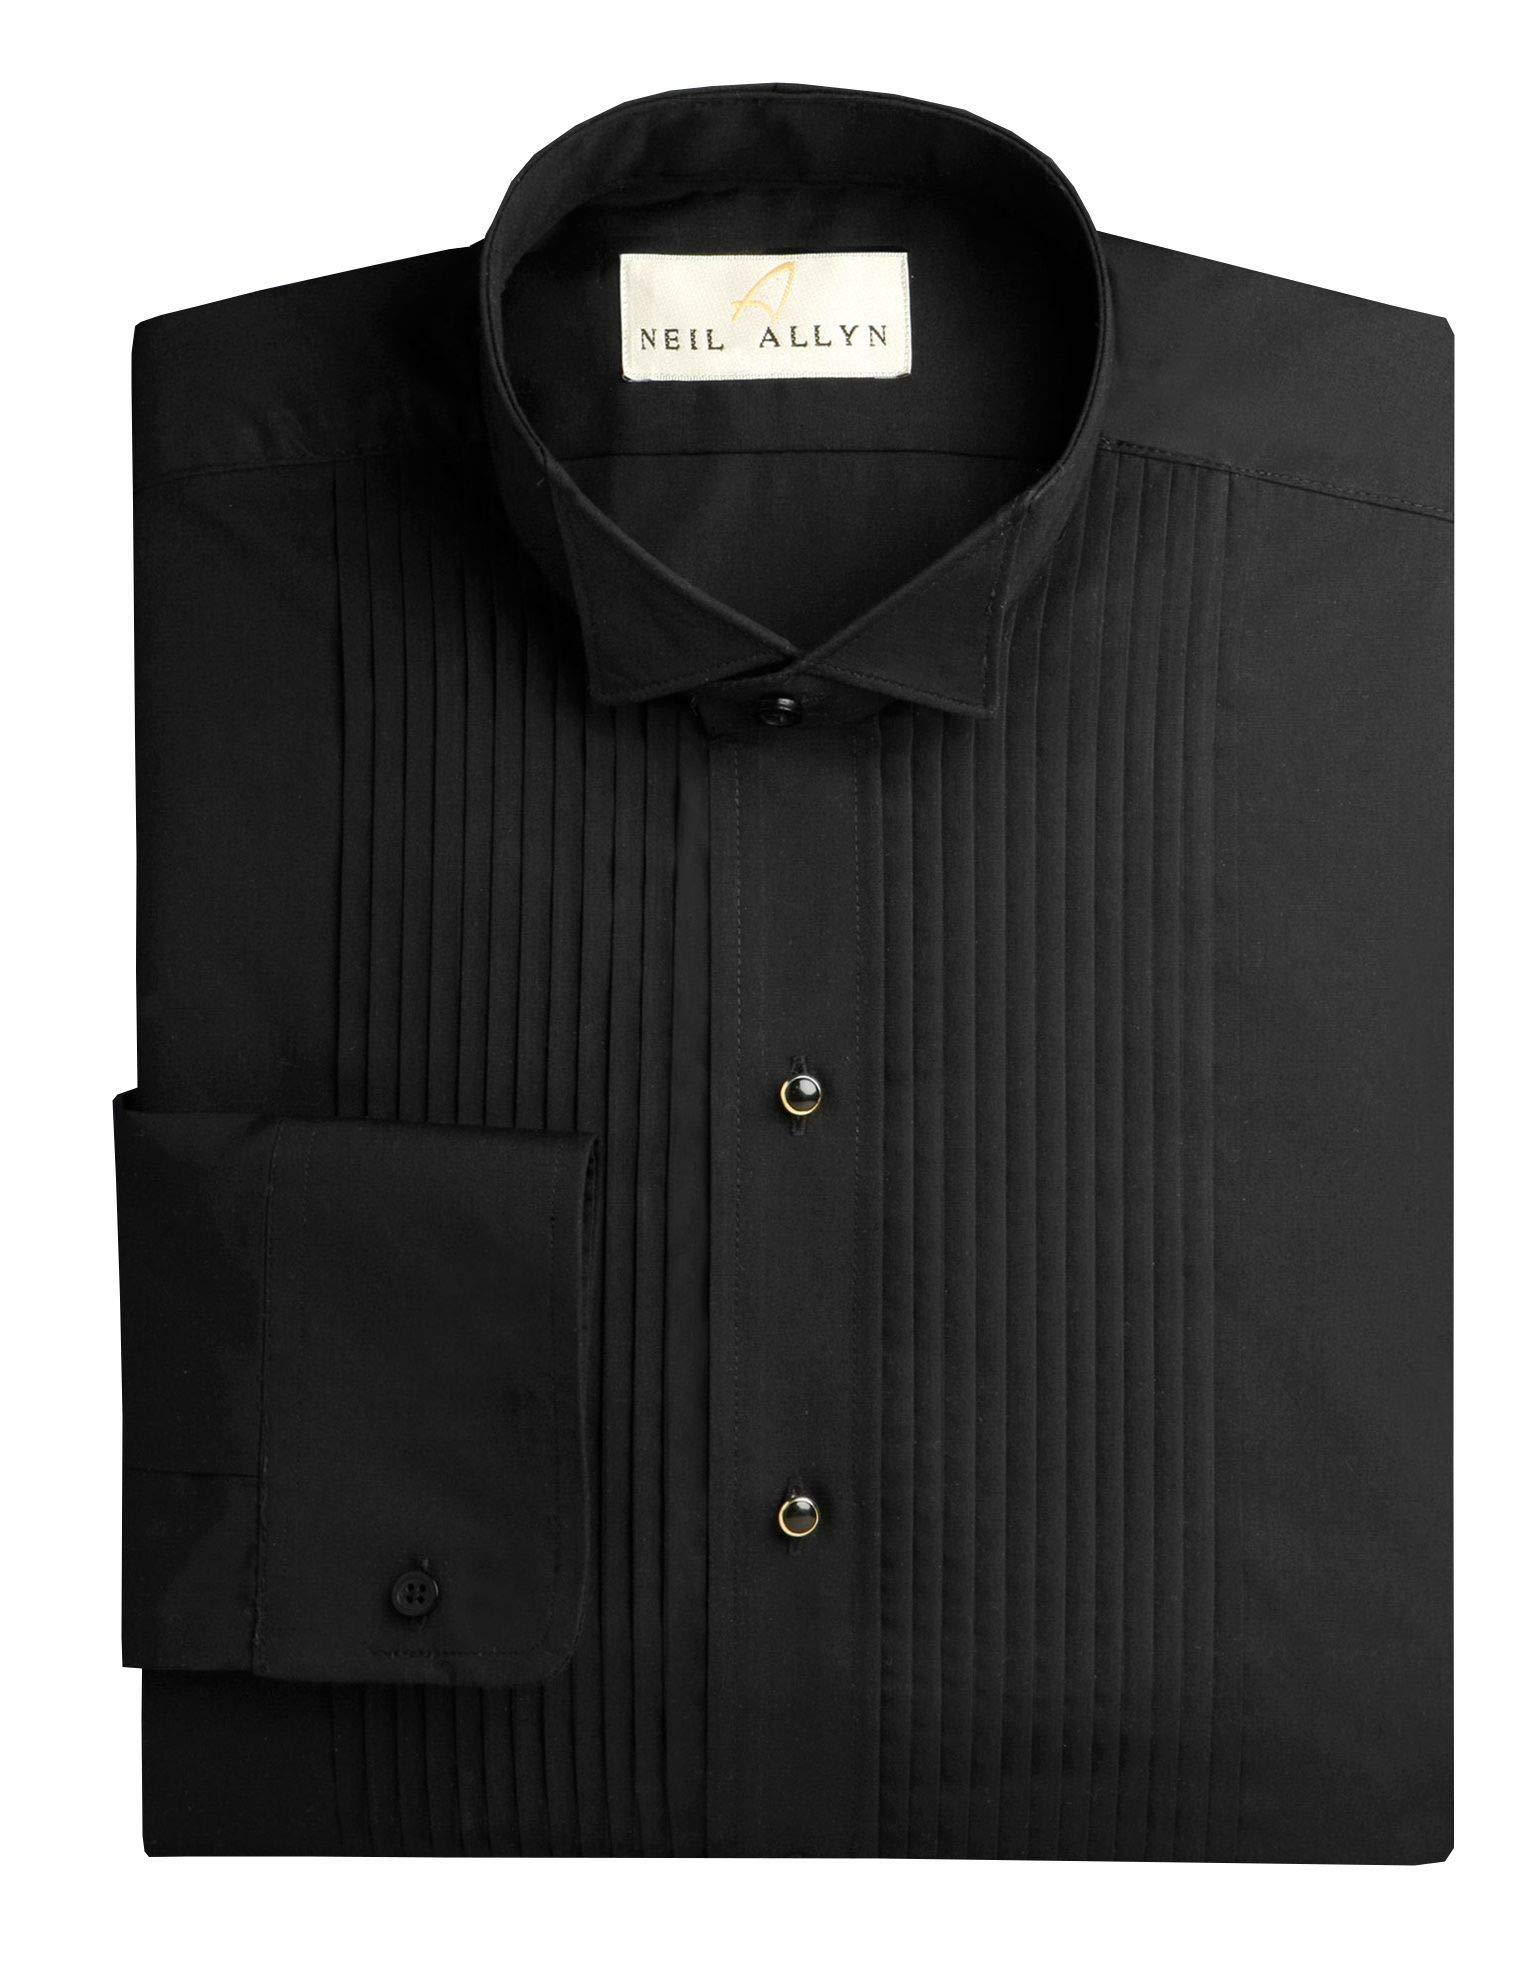 Neil Allyn Men's Black Wing Collar 1/4'' Pleats Tuxedo Shirt-L-32-33 by Neil Allyn